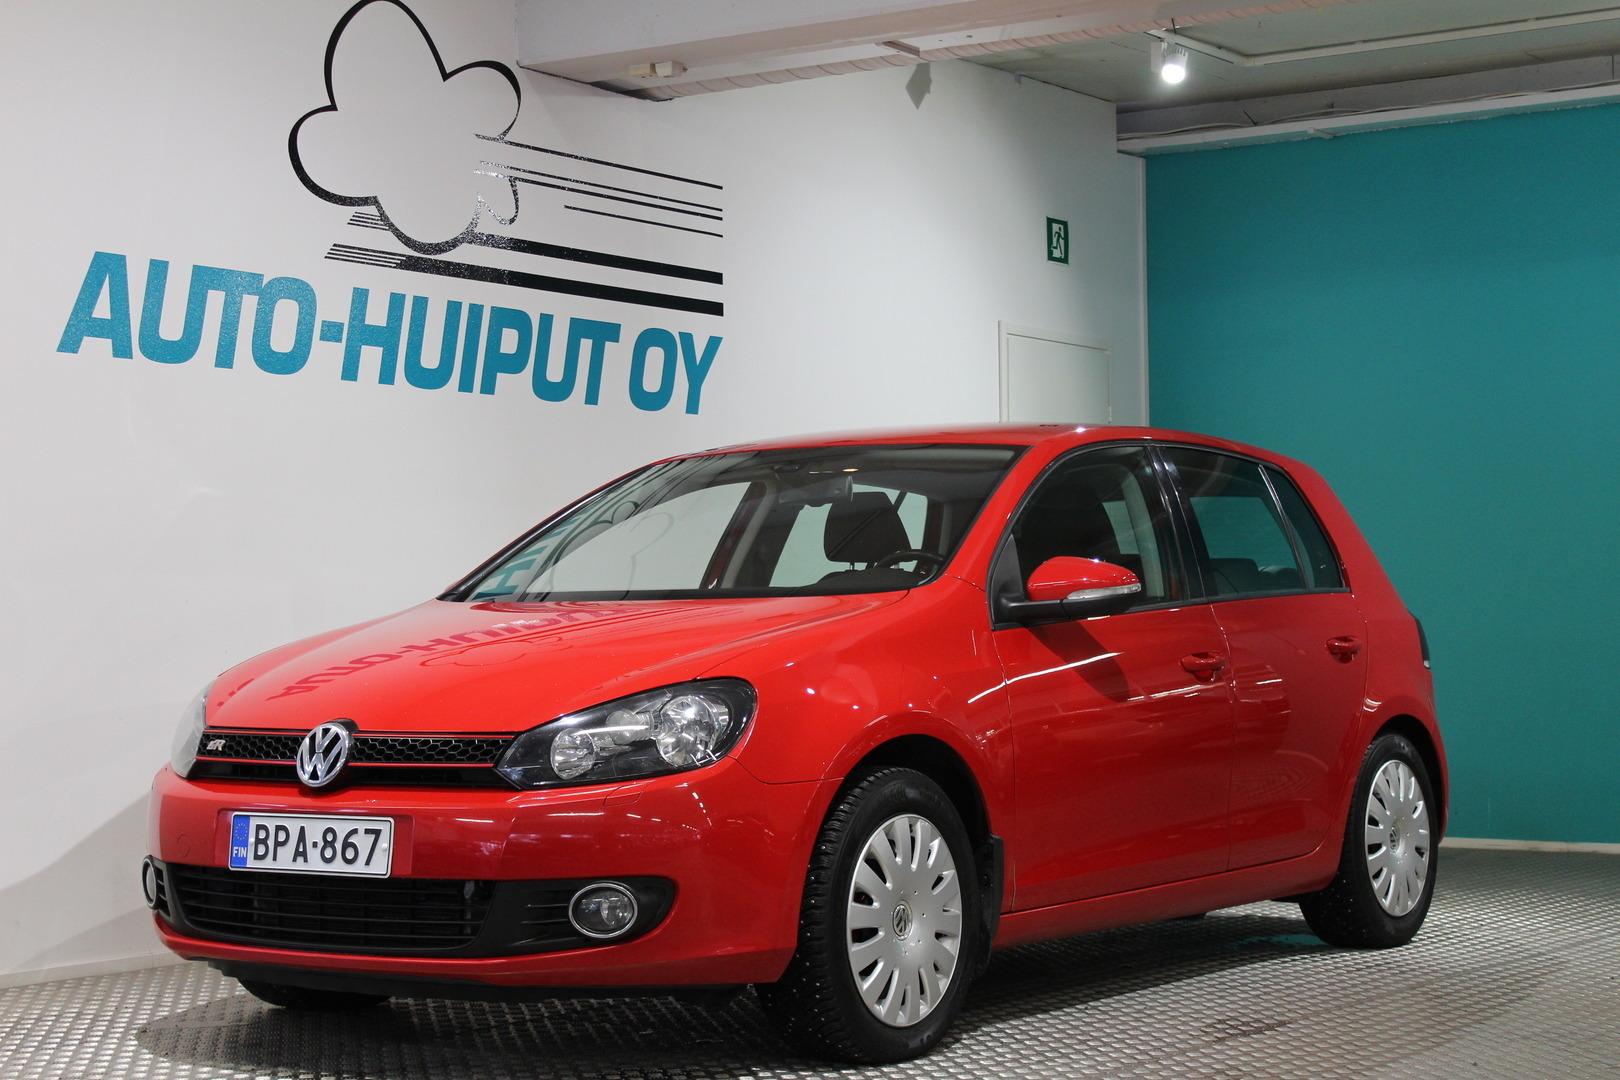 Volkswagen Golf, Comfortline 2,0 TDI 103 kW 4-Ovinen #Huippuhieno **Juuri tullut** #2-Omisteinen